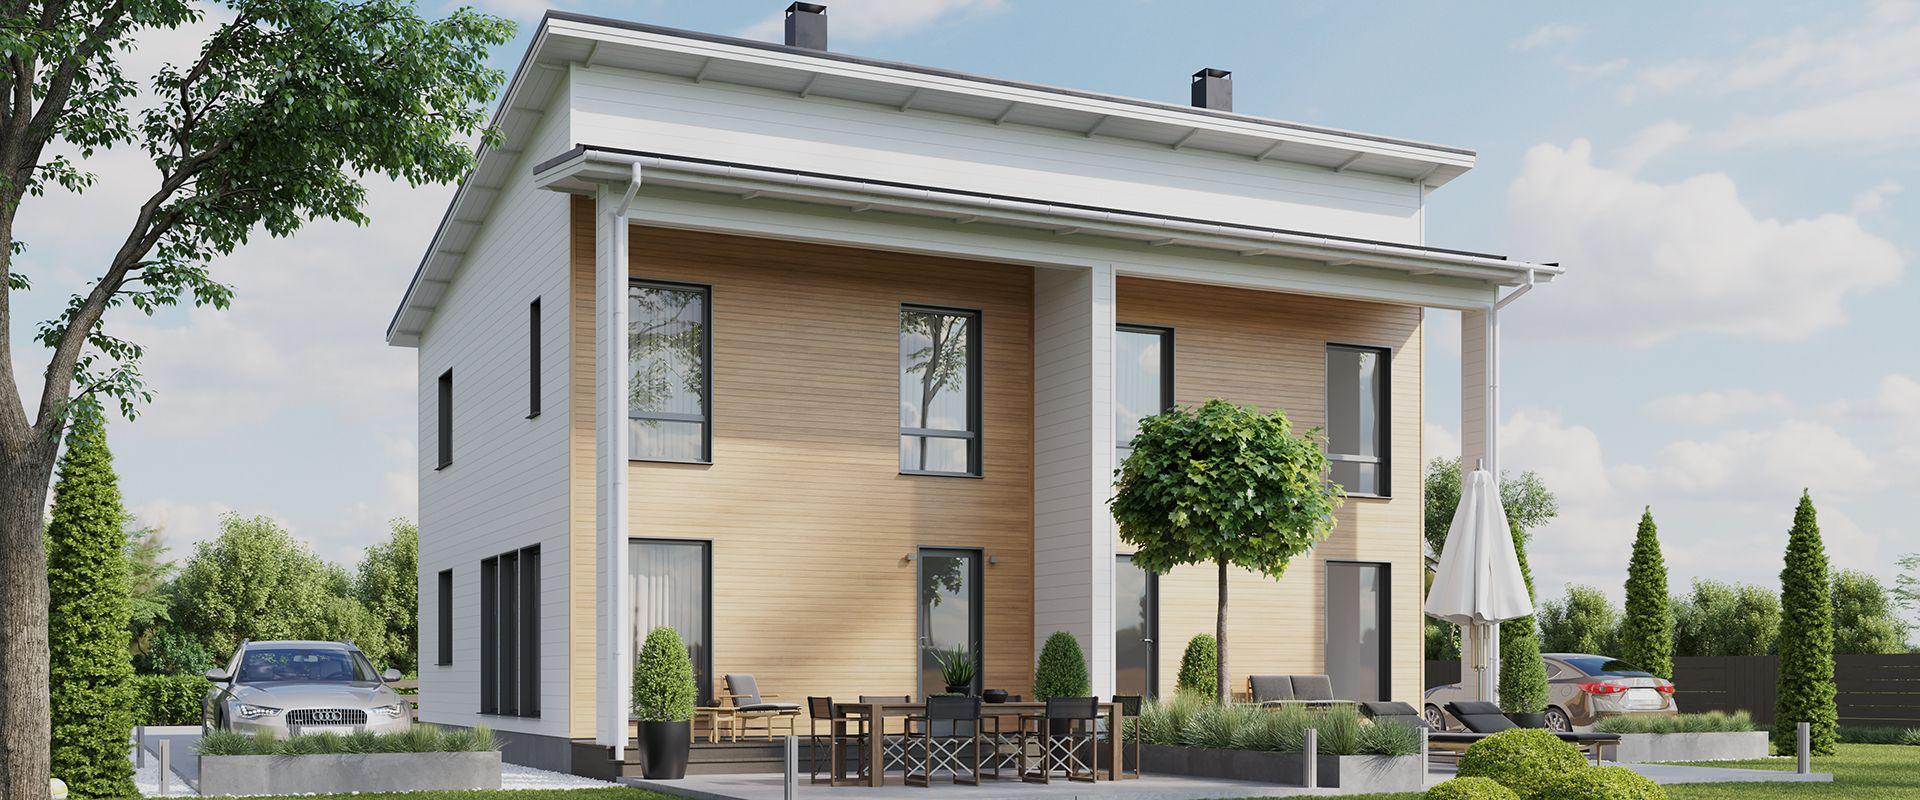 Deko 242 121 Avara Dekotalo Talopaketit Ja Valmistalot Avaimet Kateen In 2020 Wooden House Outdoor Decor